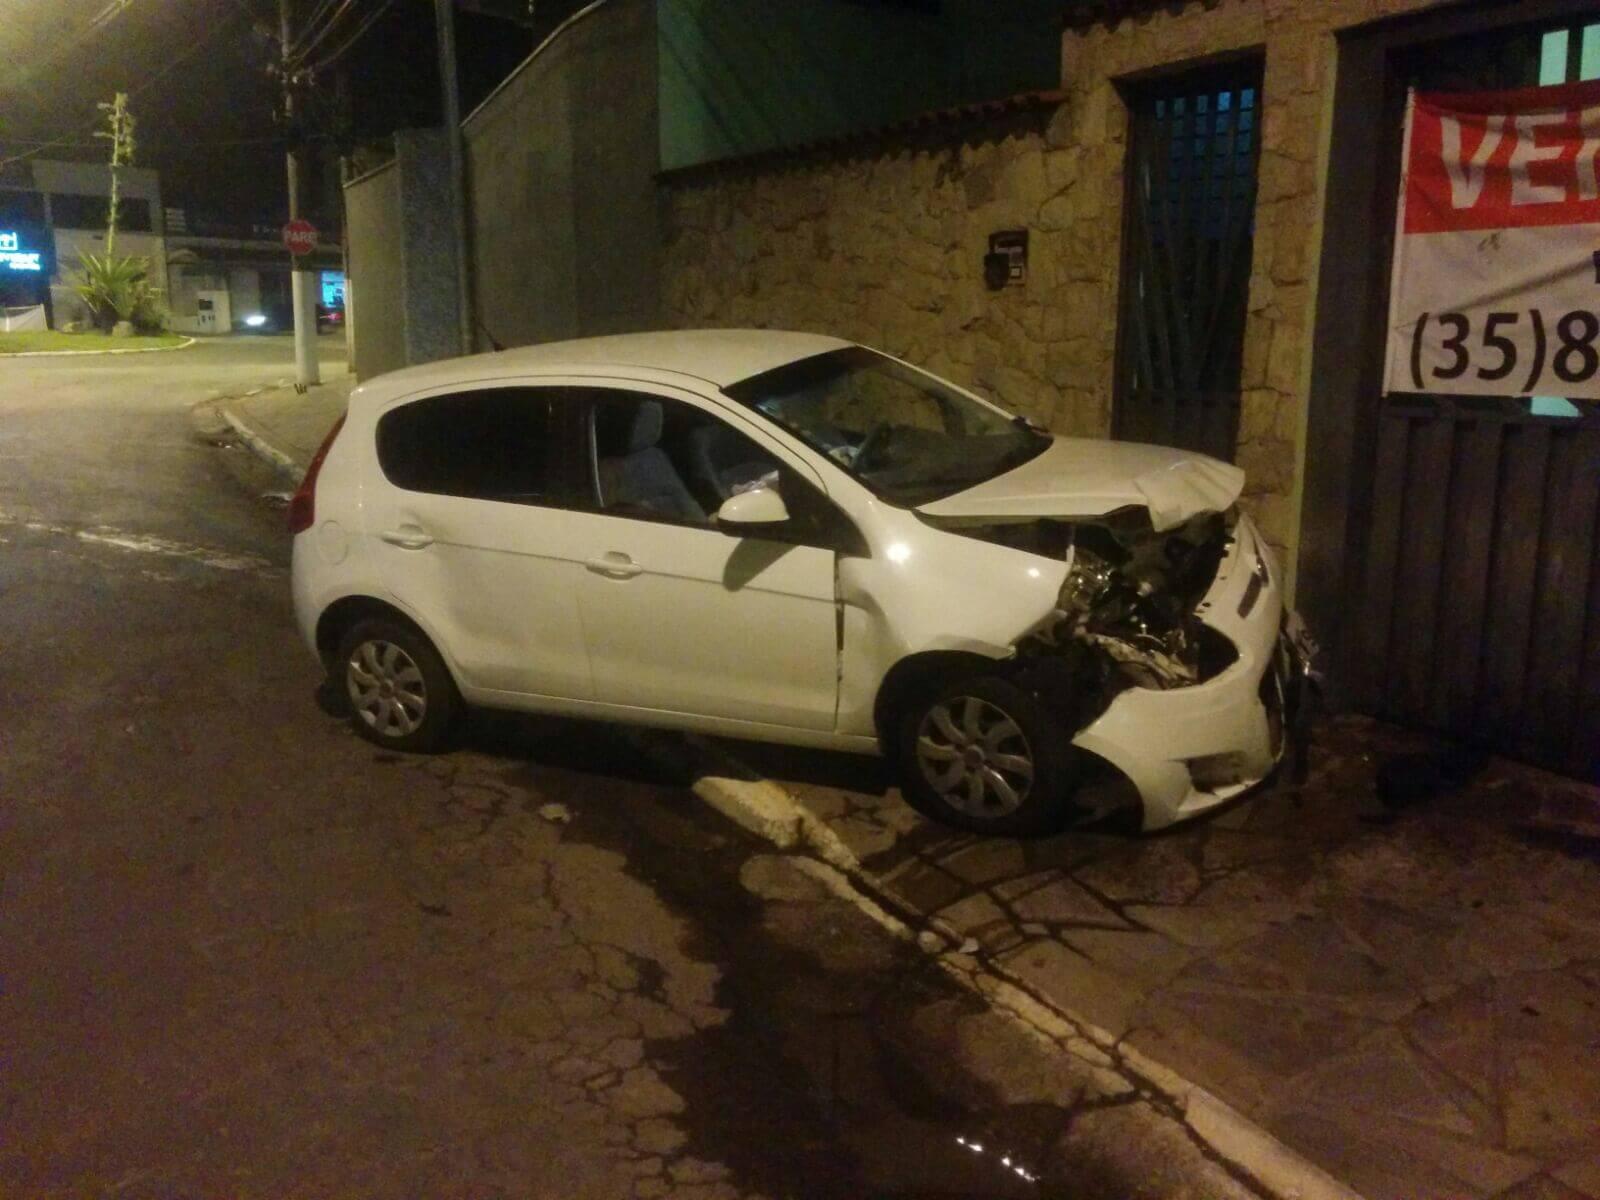 Carro perdeu o controle na rotatoria, bateu em carro parado, atravessou a pista, e veio a colidir com casa.